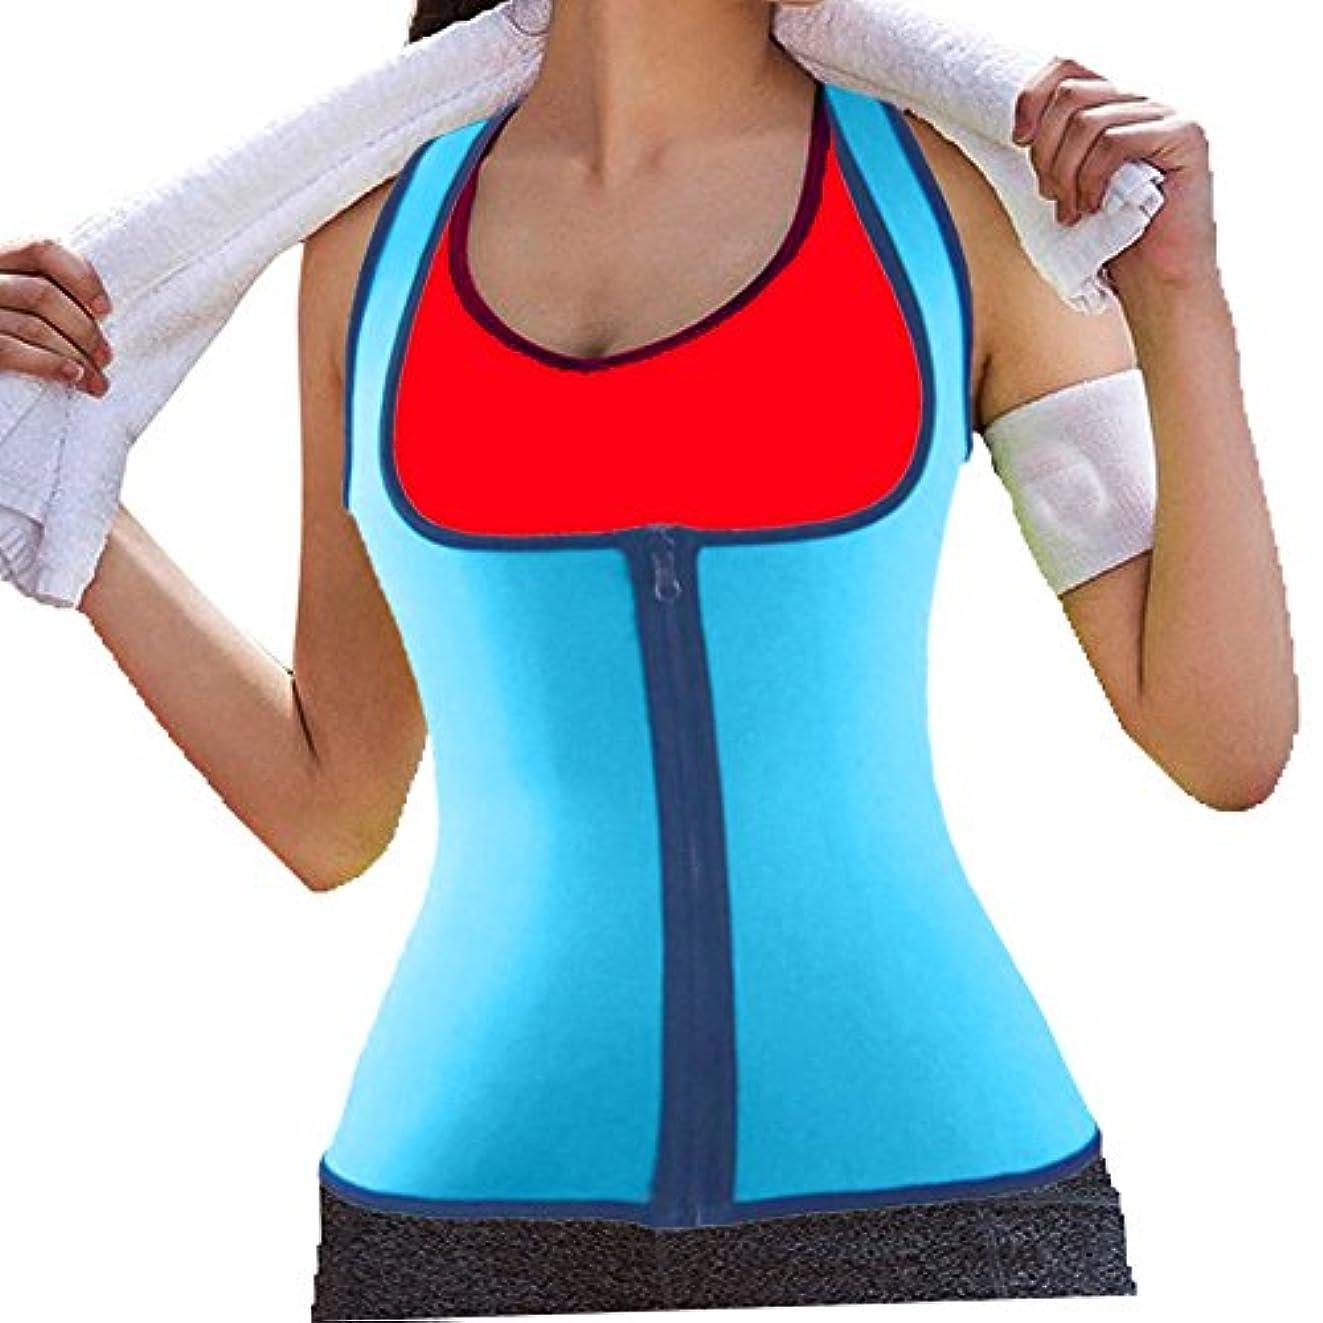 銀行夕食を作るペチコートDODOINGネオプレンボディシェイパースリミングウエストサイズシャツトレーナー腹部ウエスト補正下着ベストのジッパーの重量損失